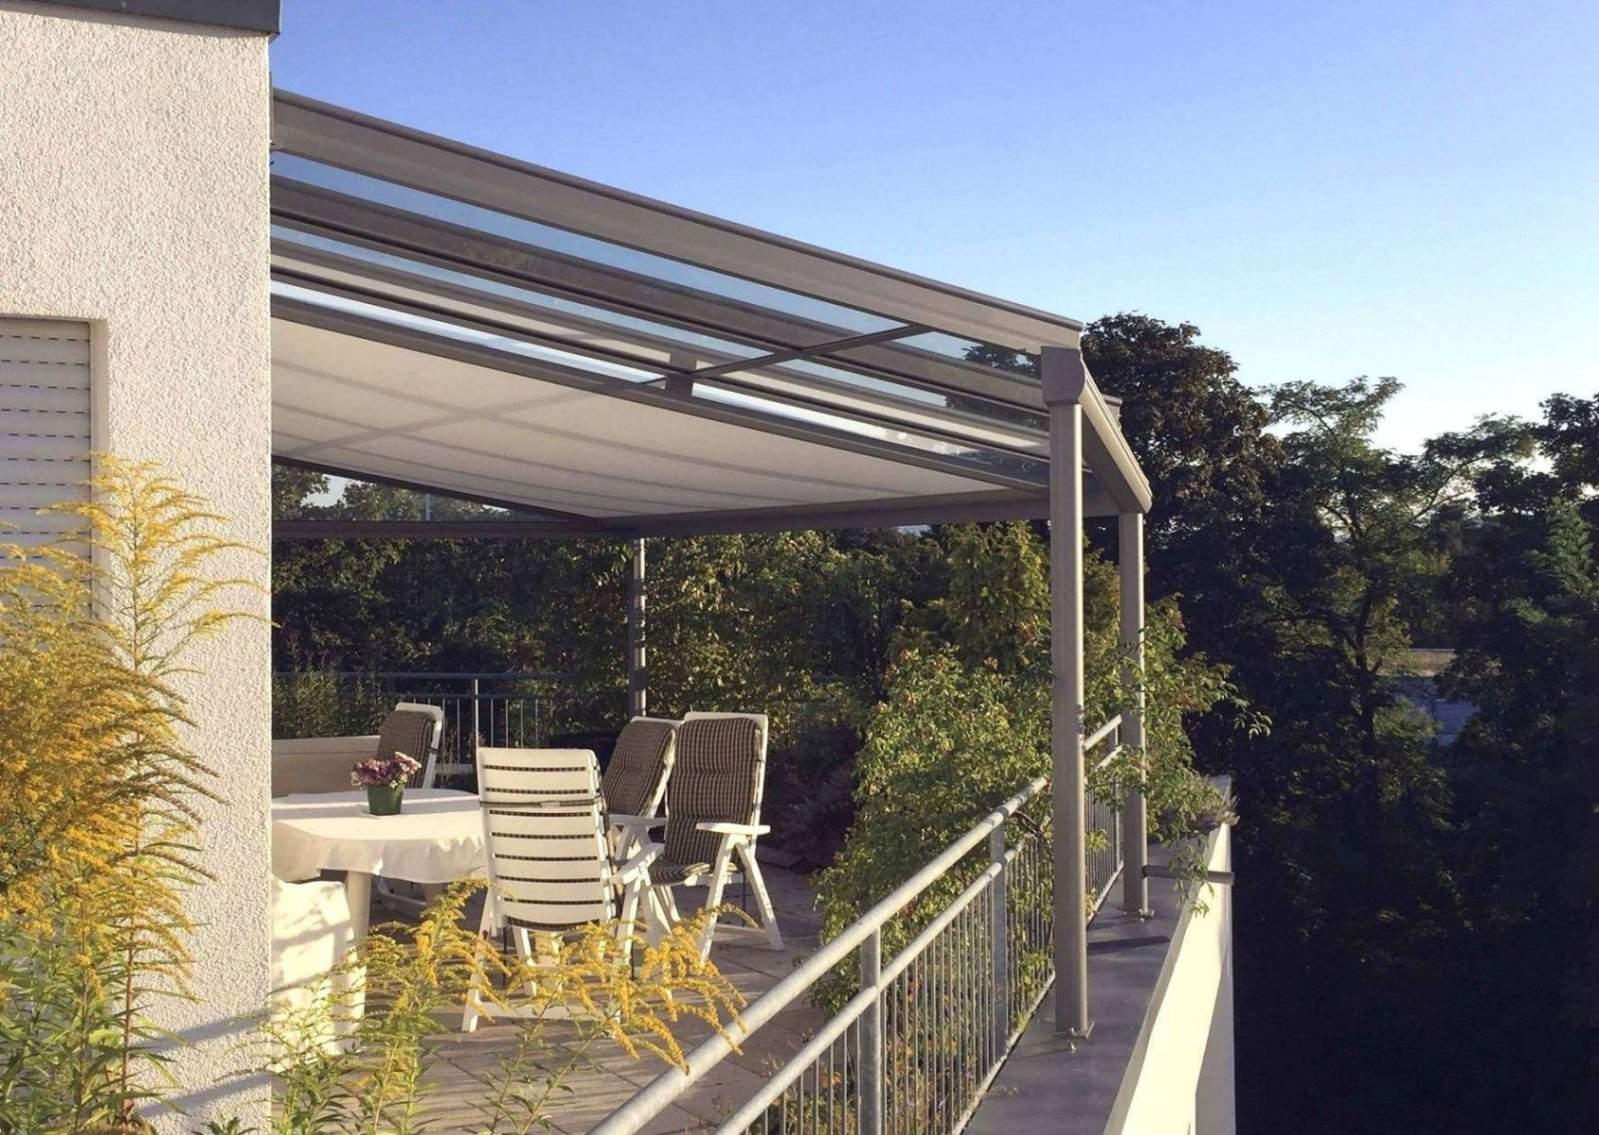 garten sitzbank mit dach bank fur balkon temobardz home blog of garten sitzbank mit dach 1